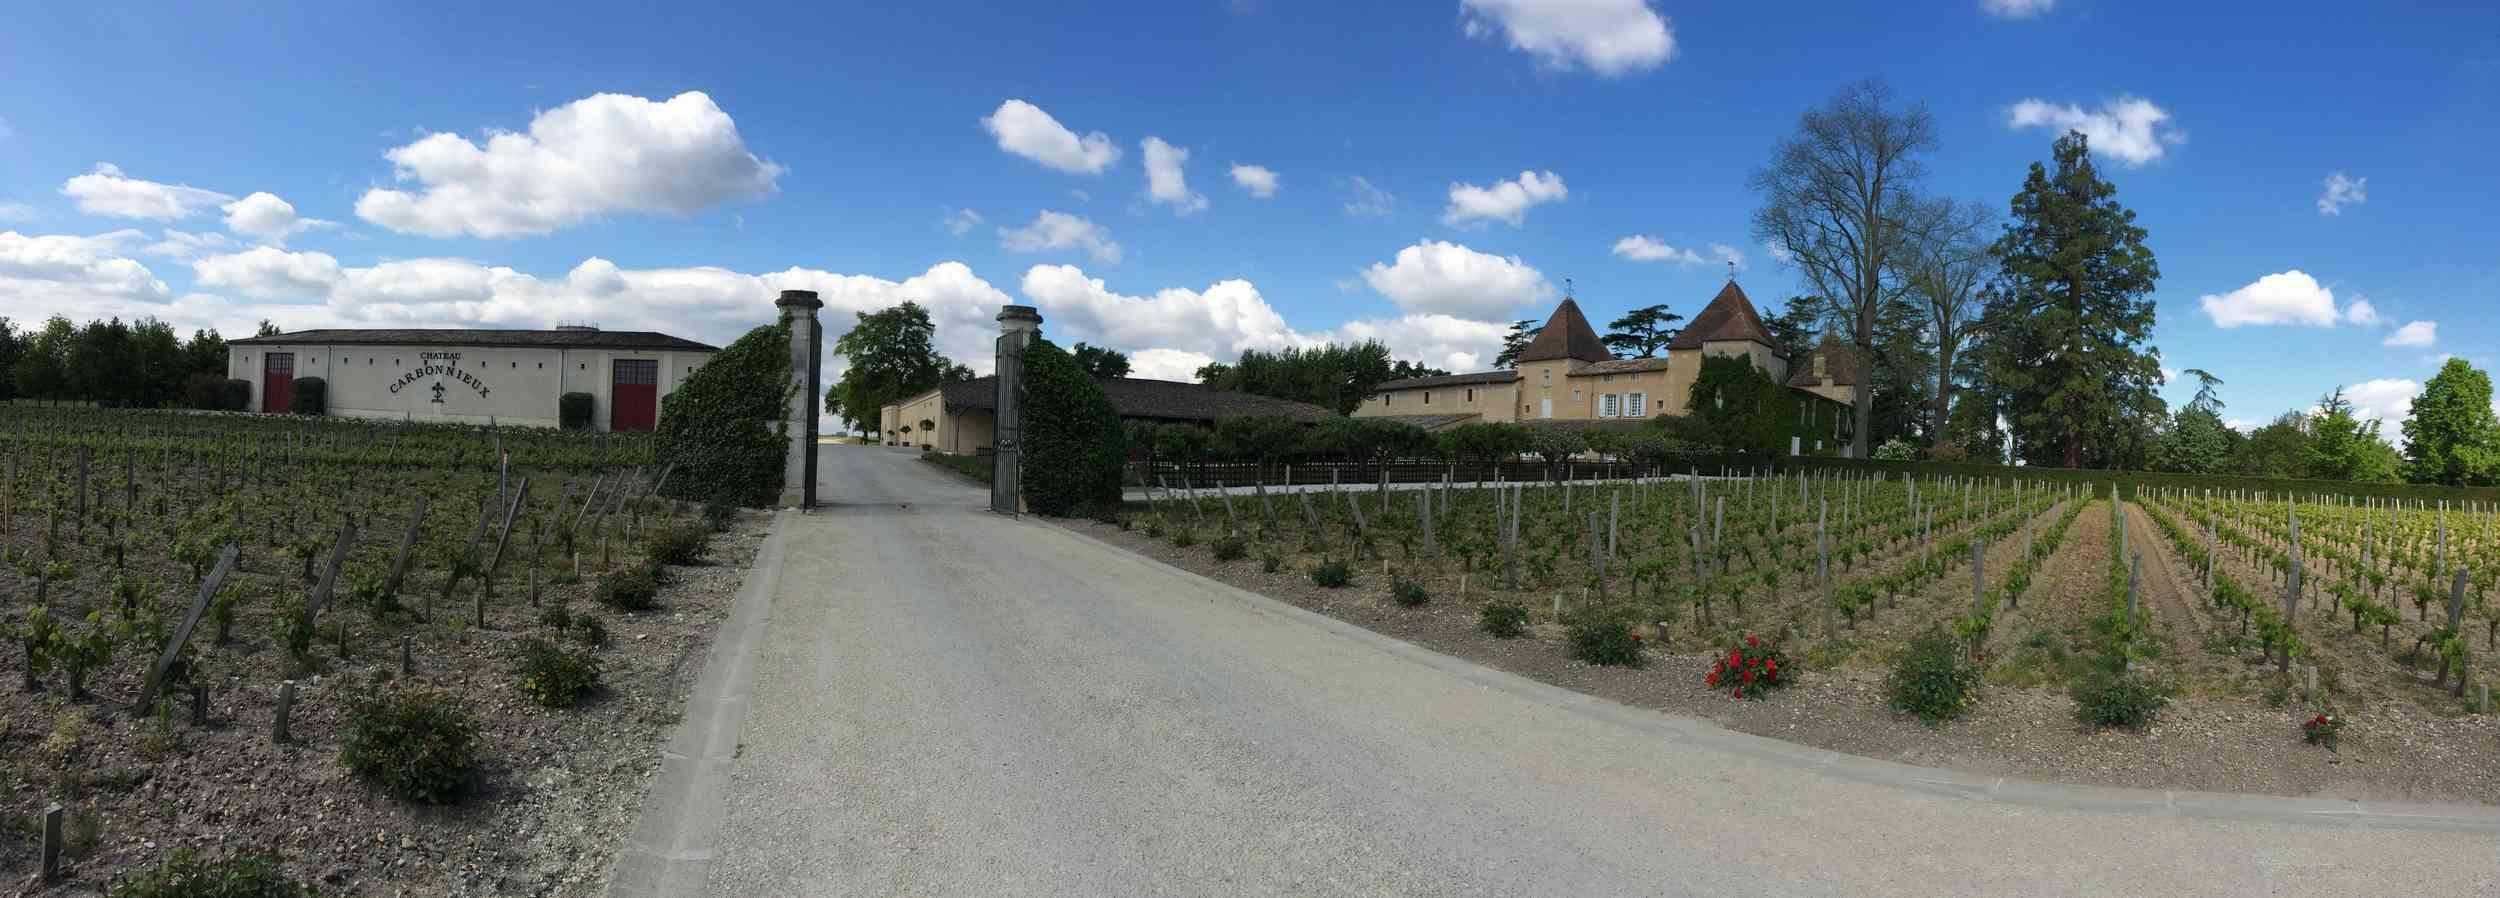 Le vignoble du Pessac Leognan - Page 15 Carbon51